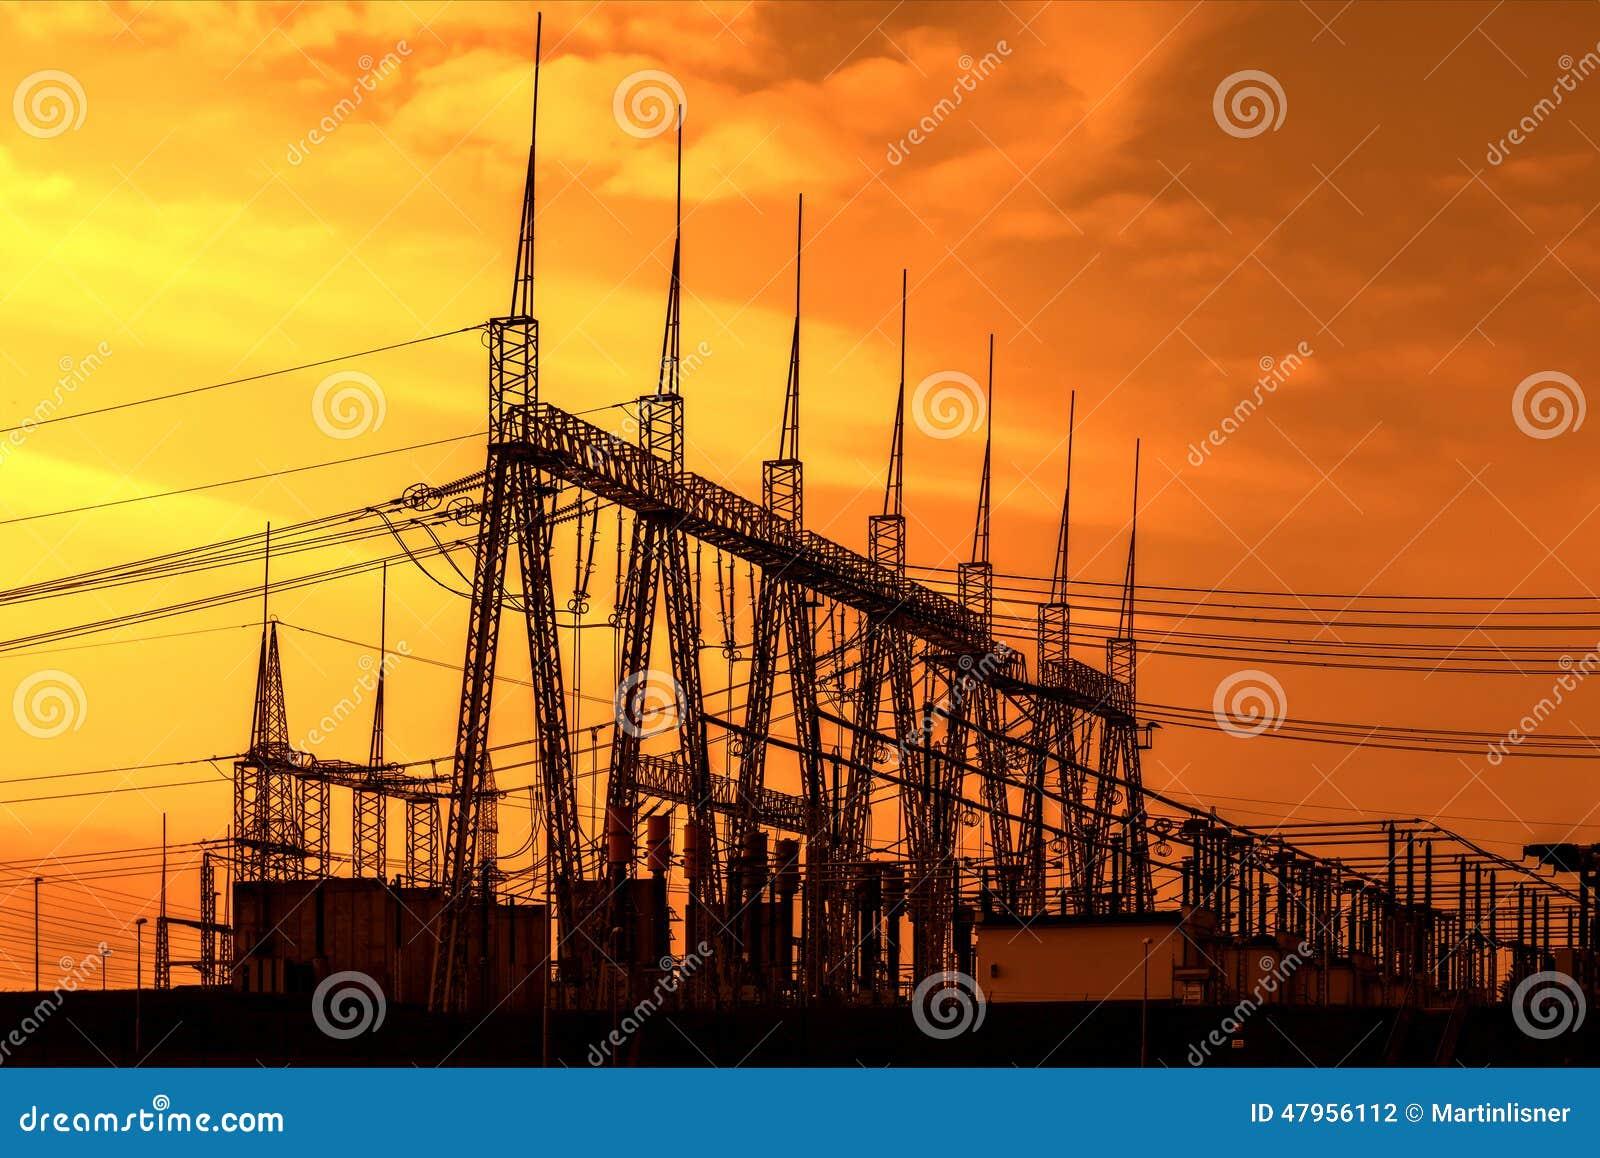 Υποσταθμός μετασχηματιστών δύναμης υψηλής τάσης, ηλιοβασίλεμα